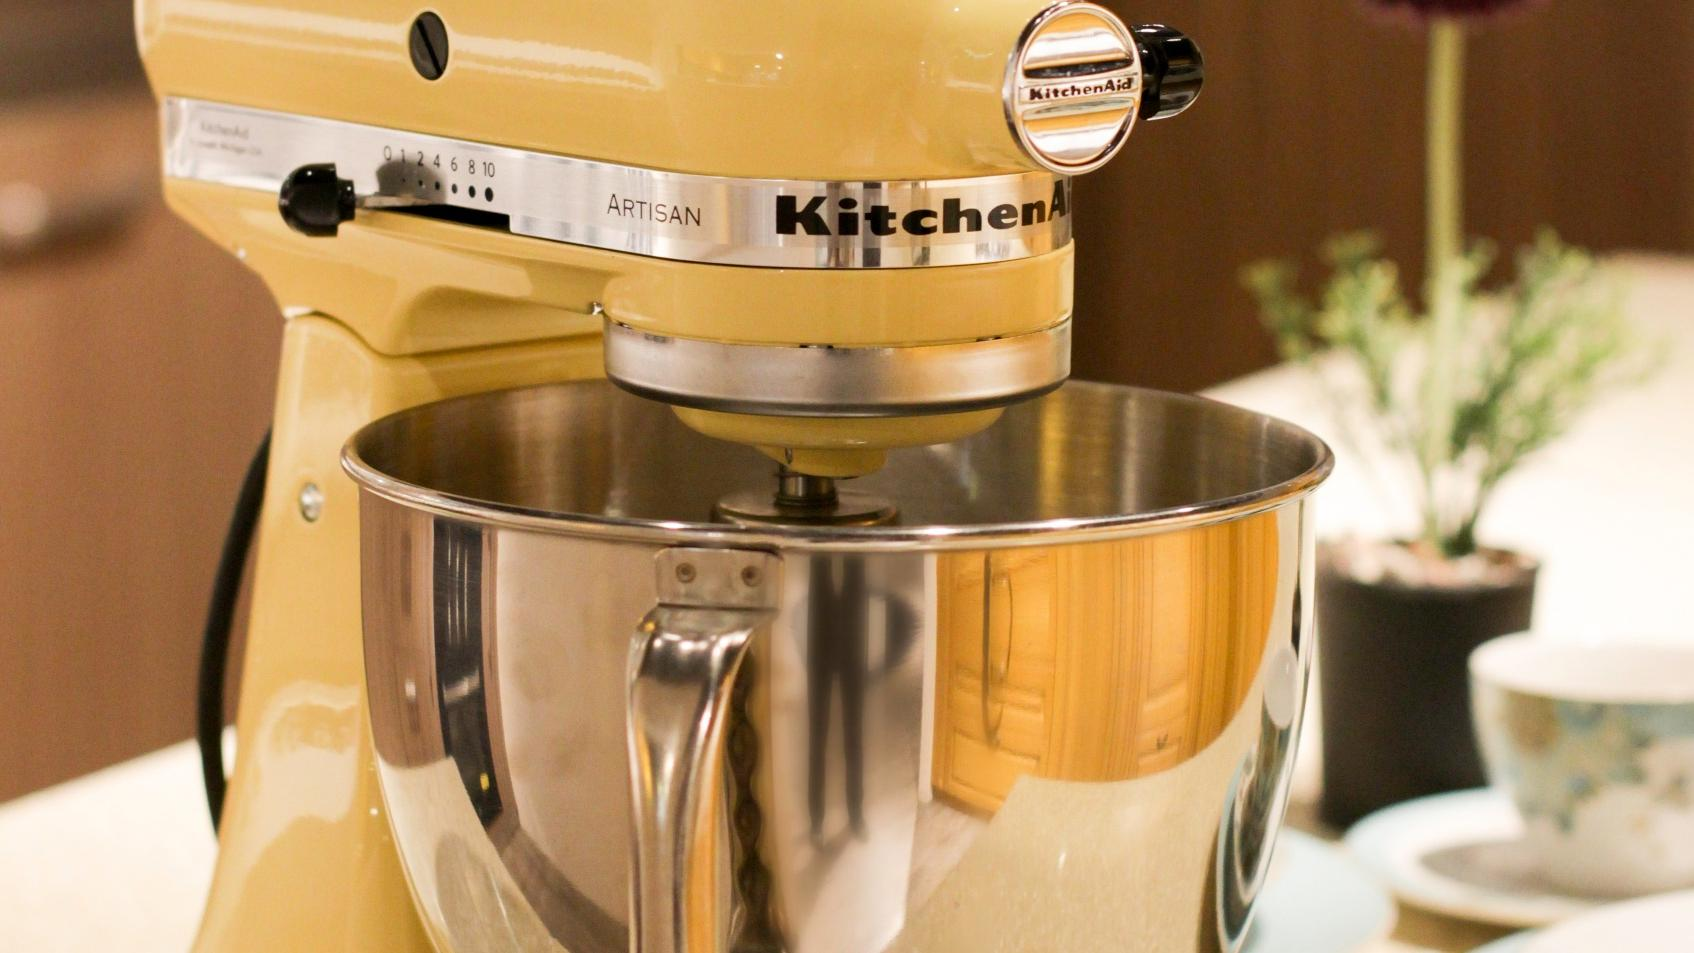 Die KitchenAid Küchenmaschine gibt es in vielen Farben.